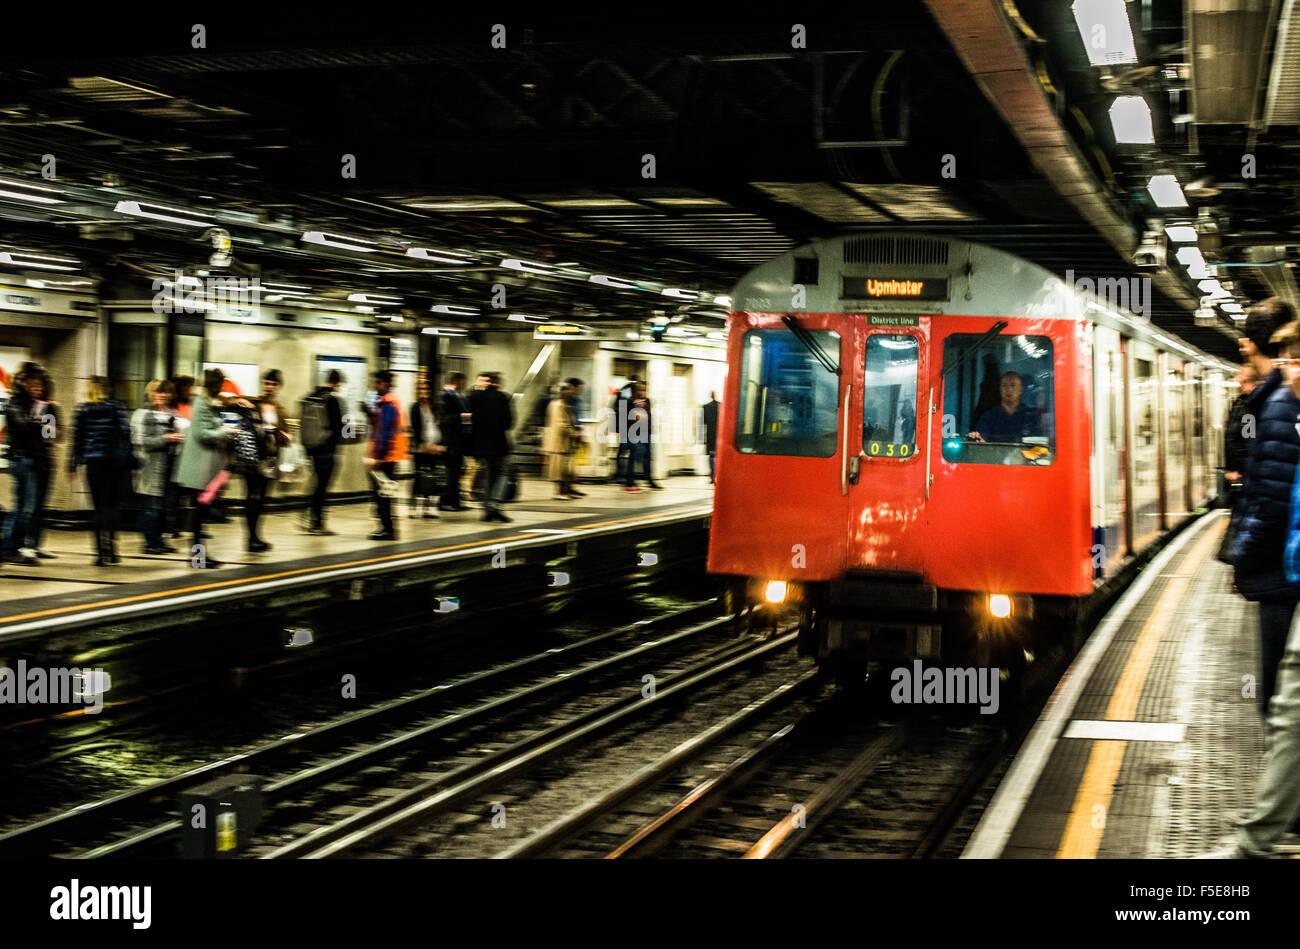 London Tube train, London, England, United Kingdom, Europe - Stock Image